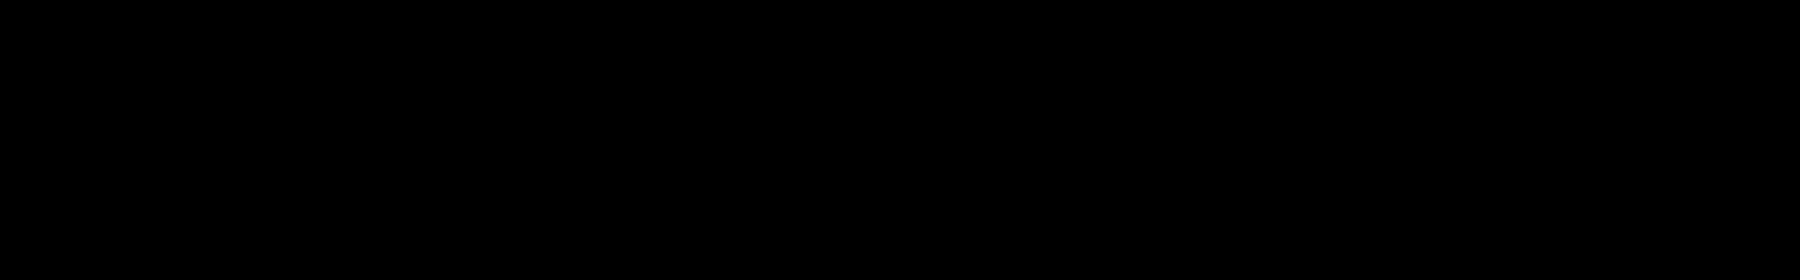 Minimal Piano Loops audio waveform